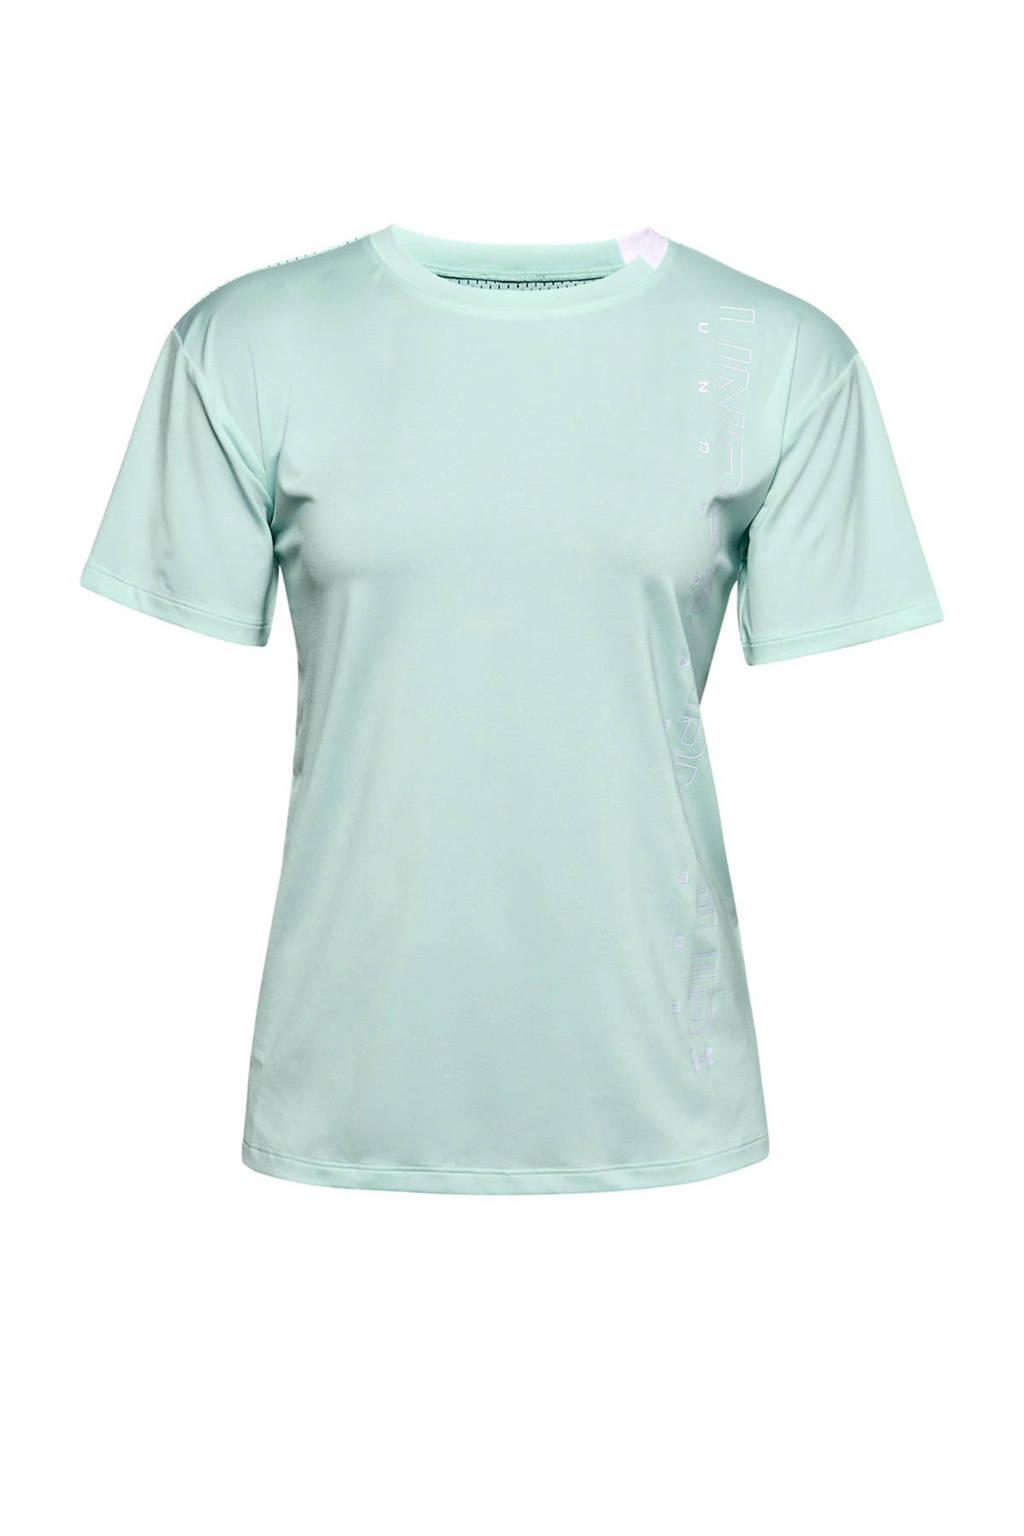 Under Armour sport T-shirt mintgroen, Lichtgroen